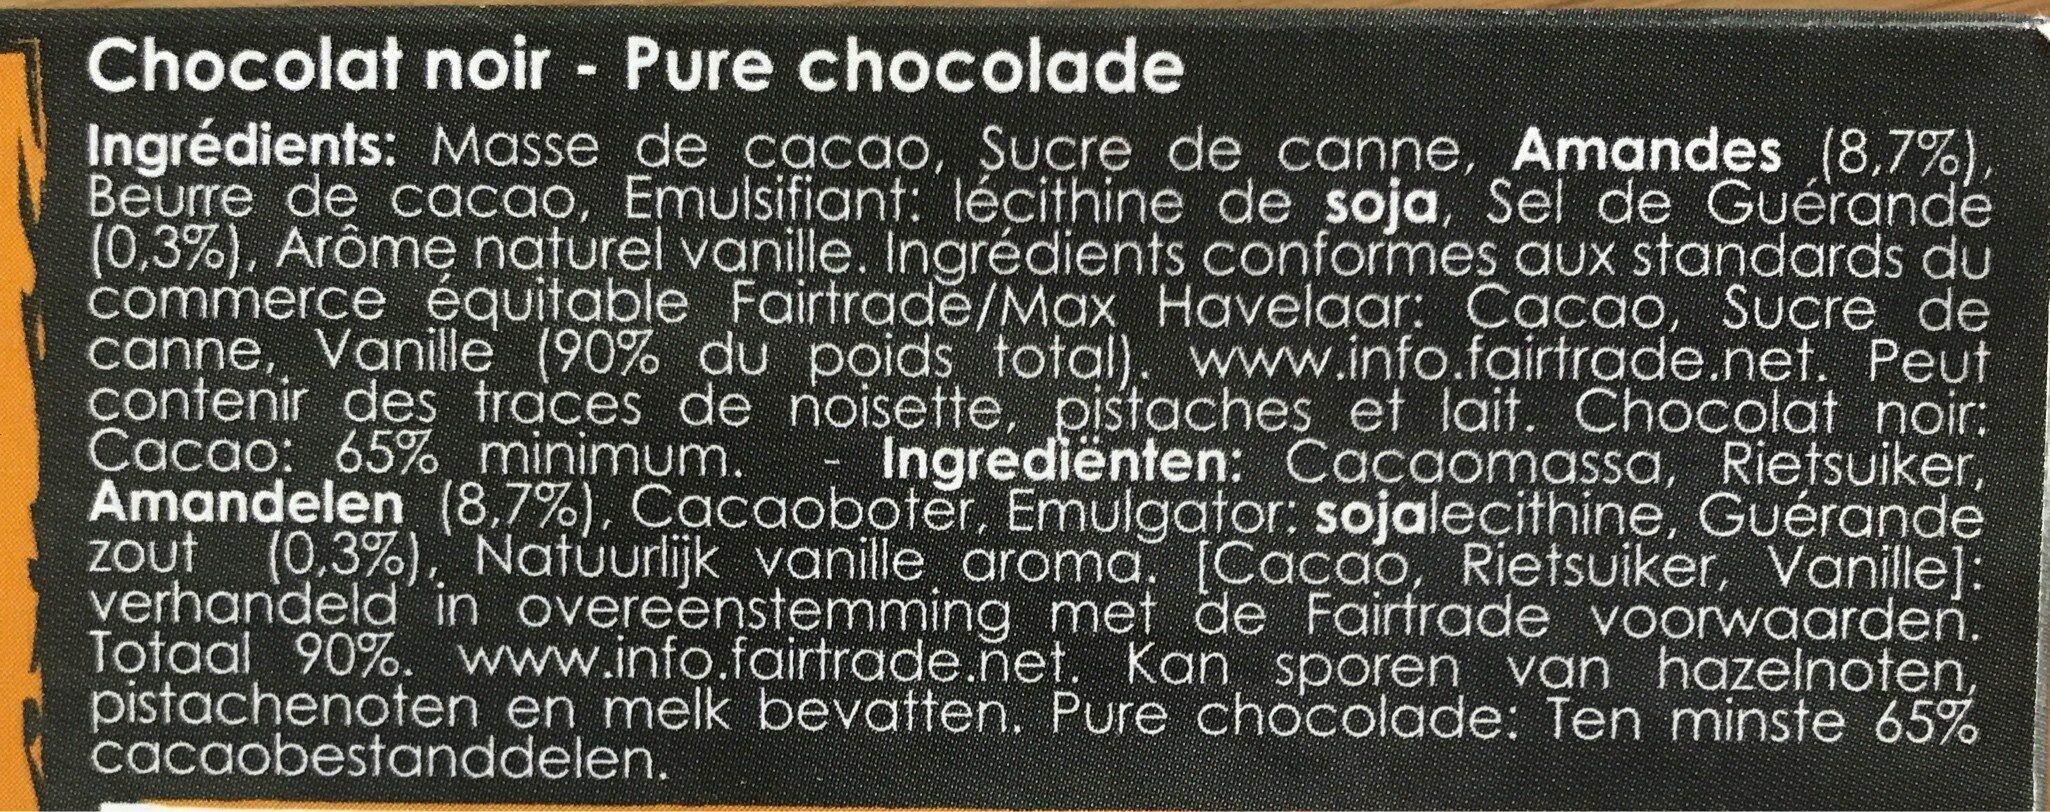 Chocolat noir amandes - Ingrediënten - fr